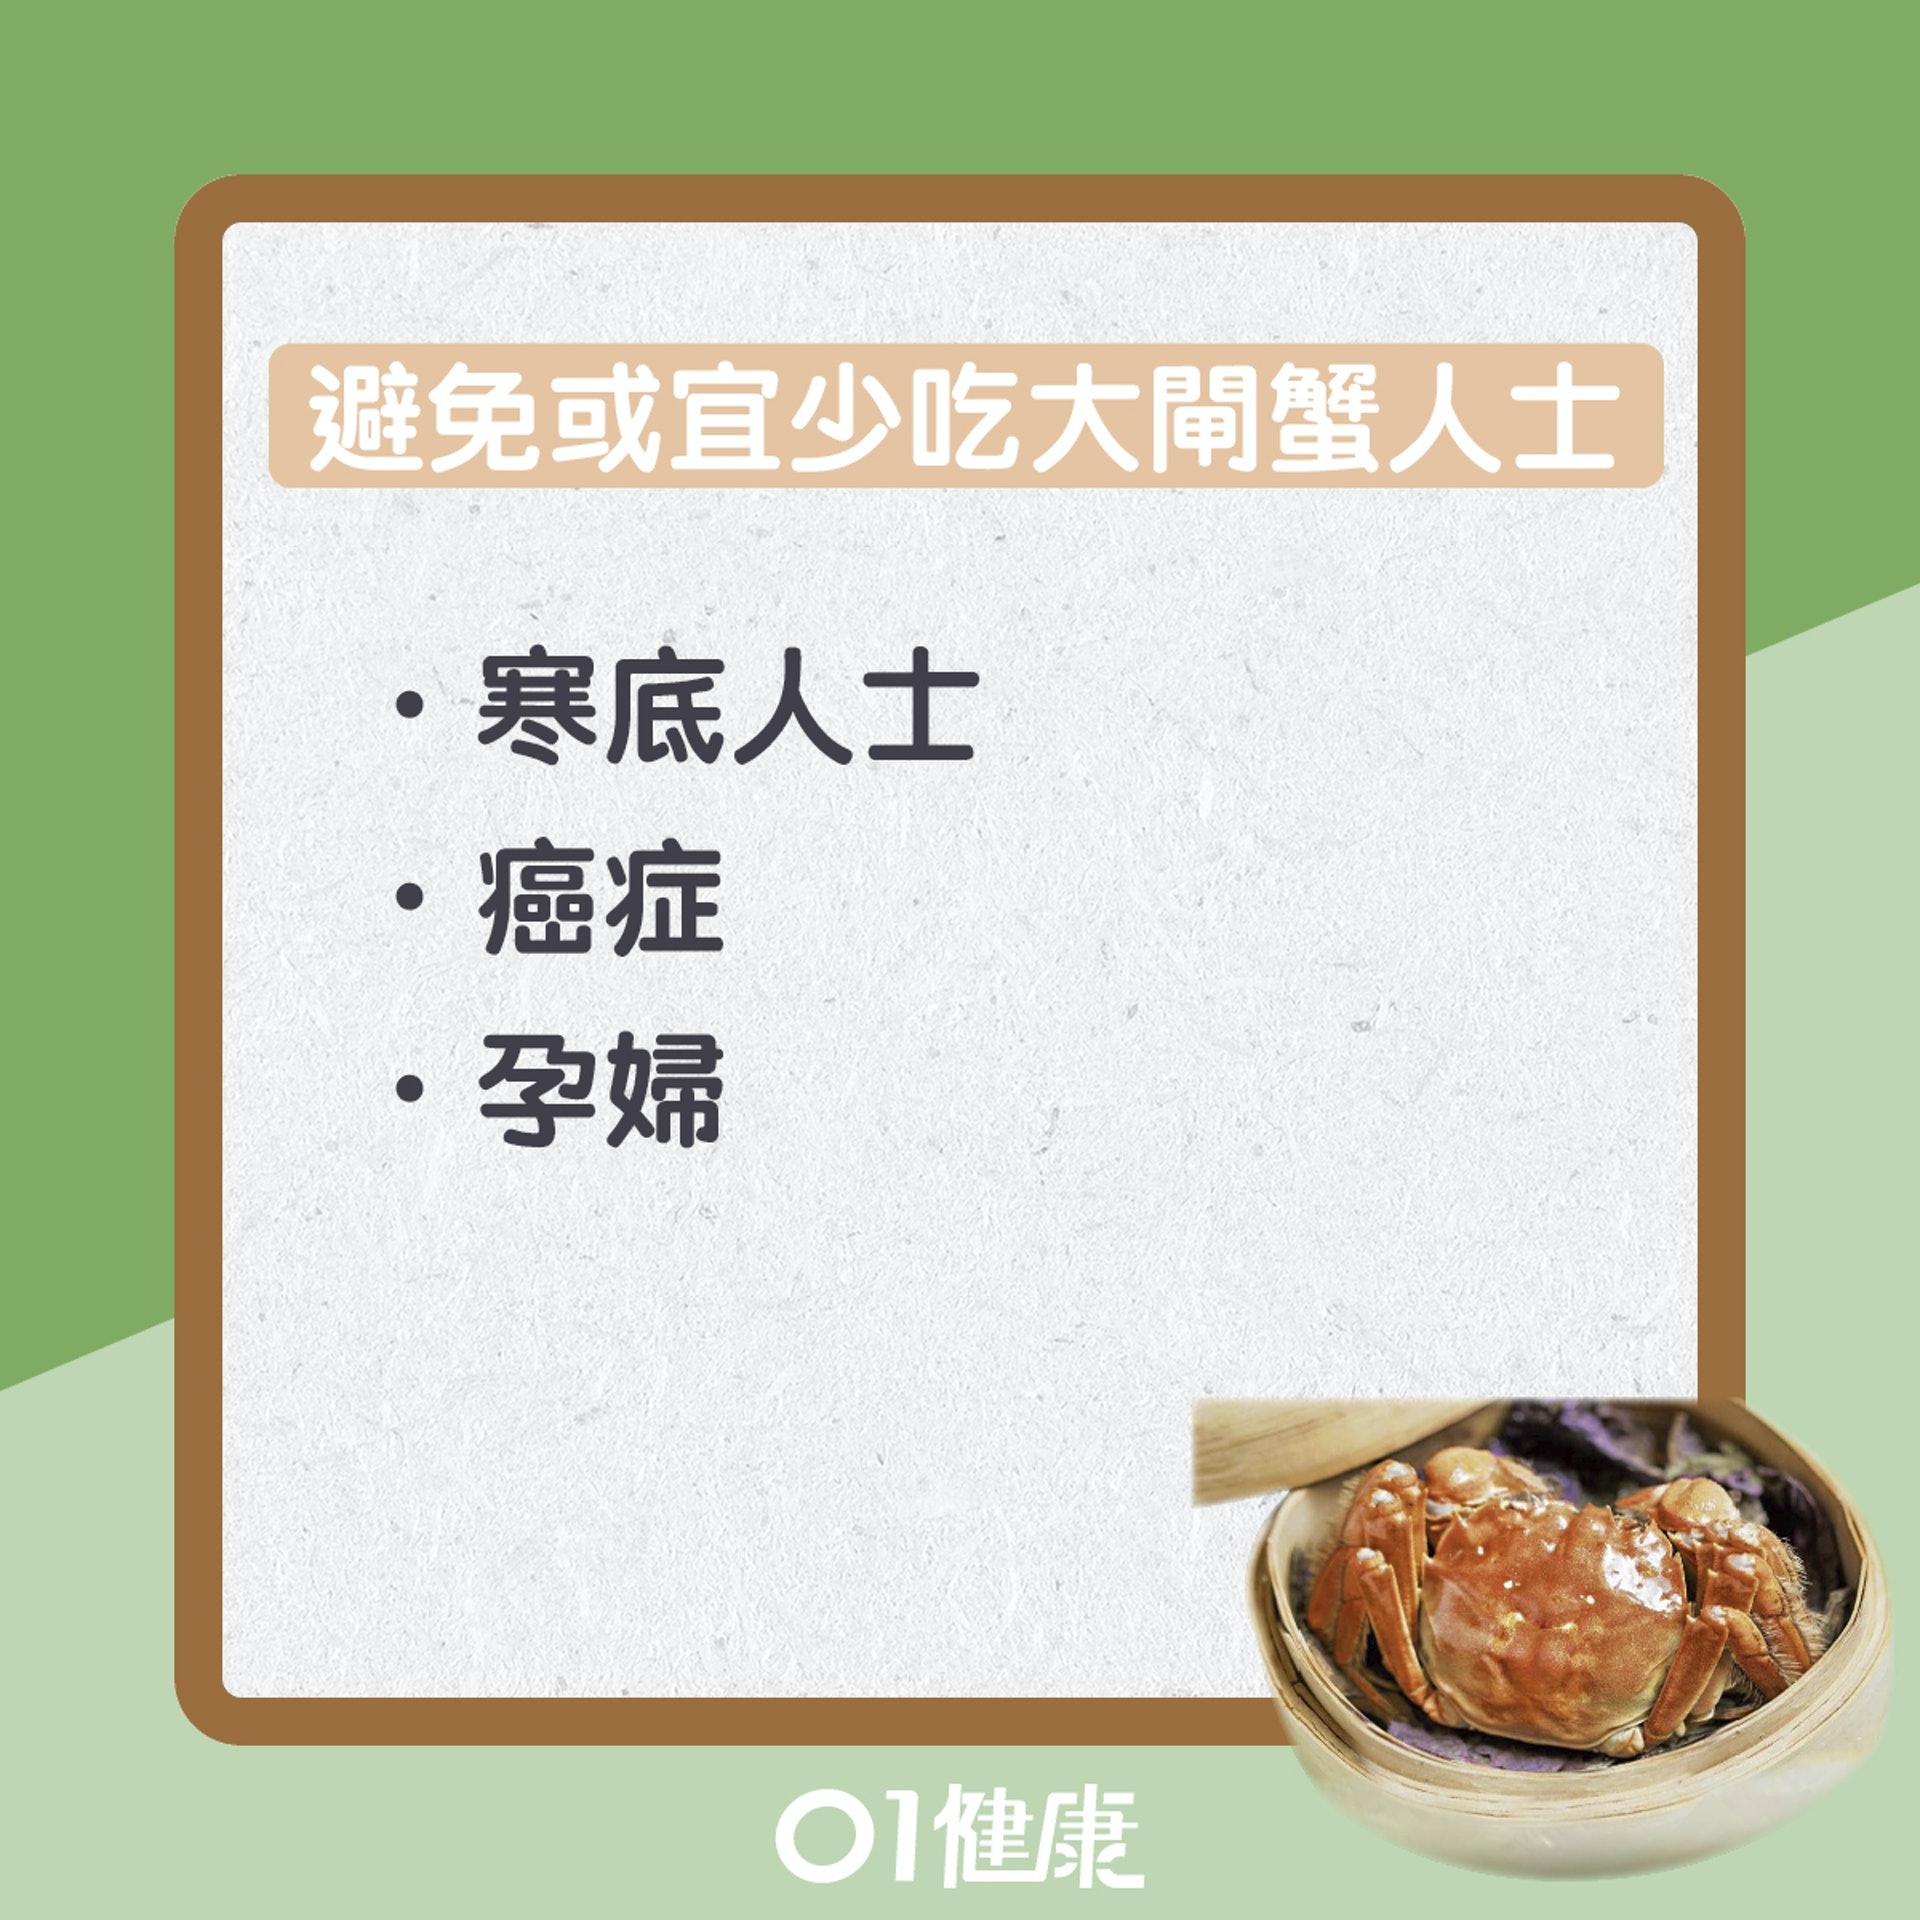 6類人士最好避免或少吃大閘蟹(01製圖)